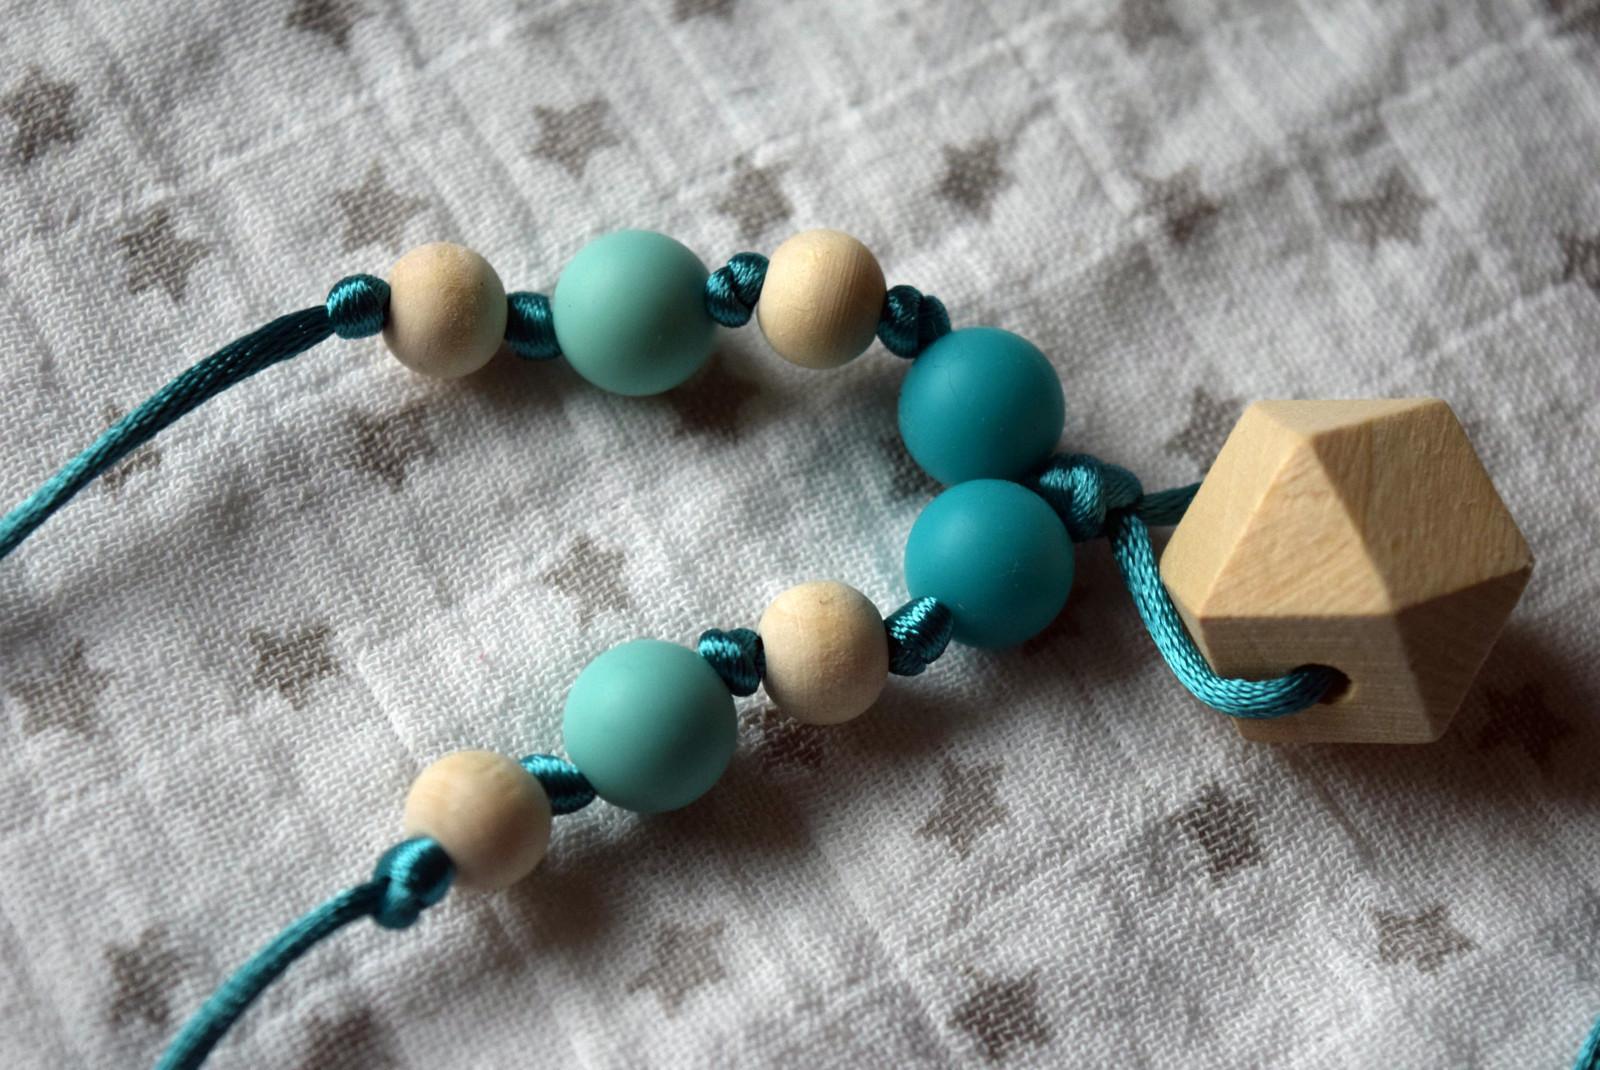 silikonové a dřevěné kousací korálky - náhrdelník   Zboží prodejce ... 19ecc4ced5